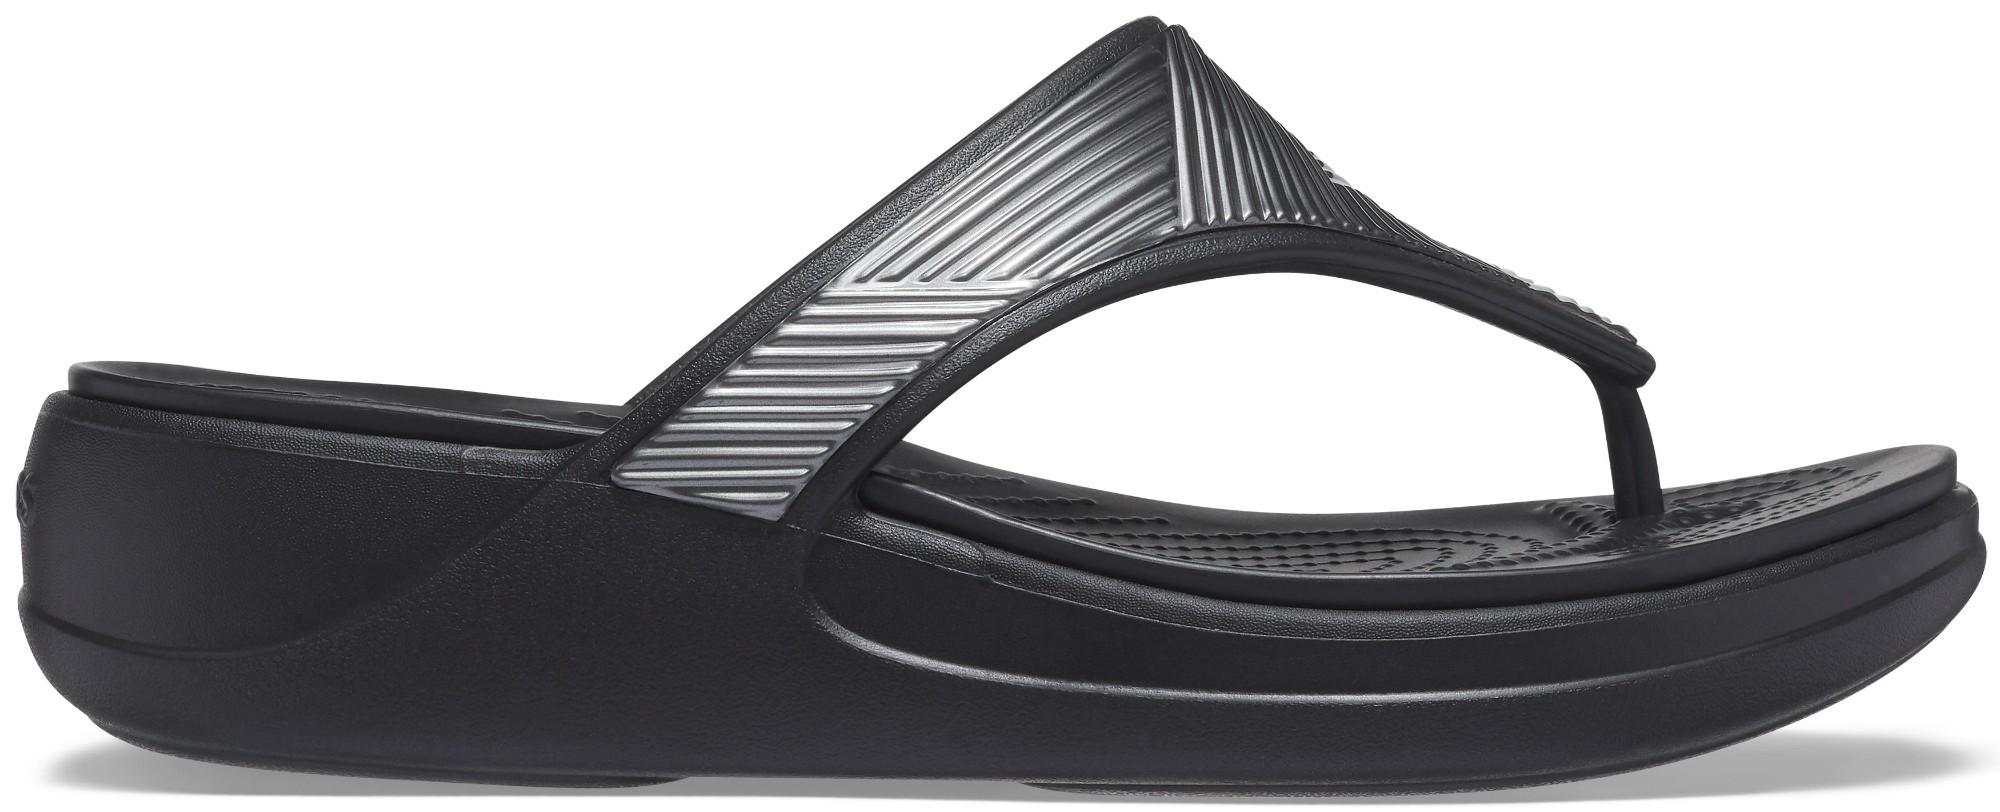 Crocs™ Monterey Metallic Wedge Flip Black 41